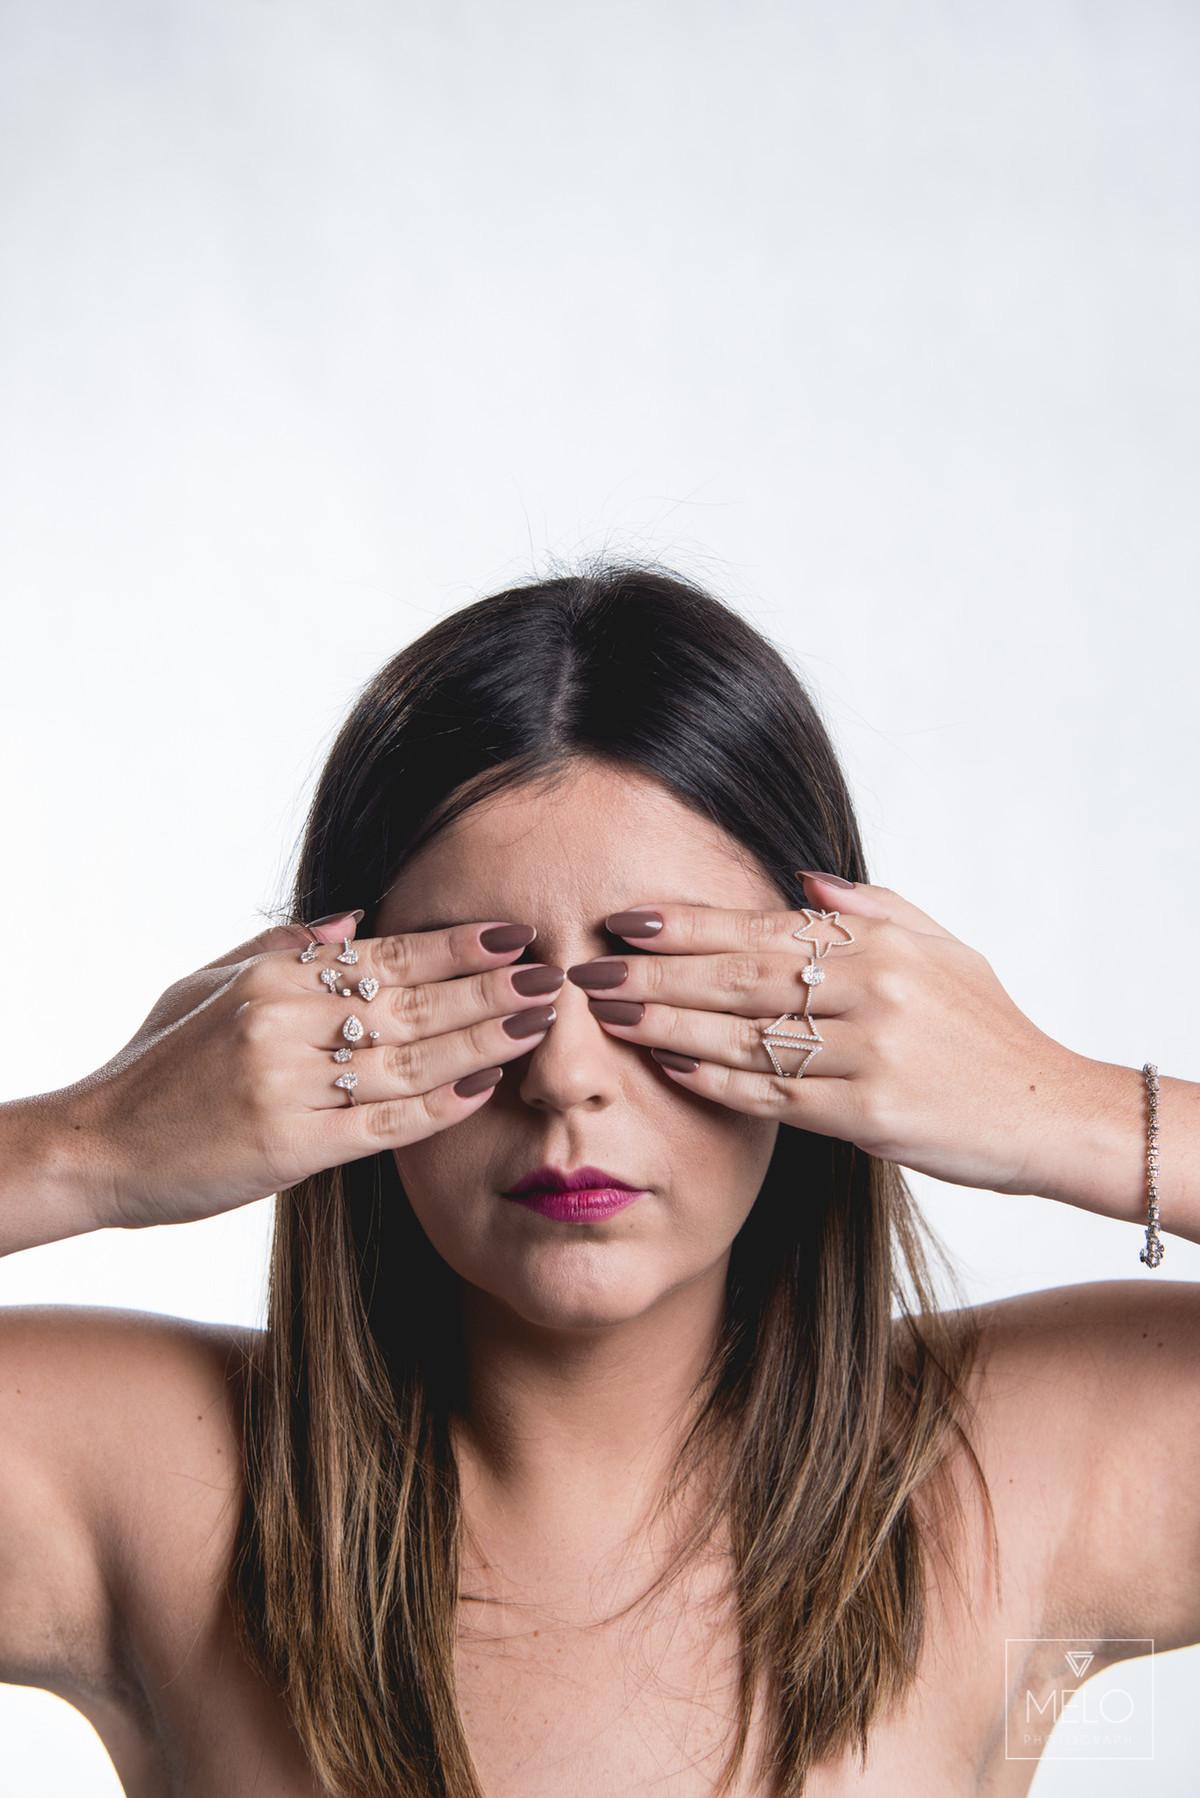 Joias Moda Editorial Estudio Fotografia de Moda Paula Duarte Rio de Janeiro